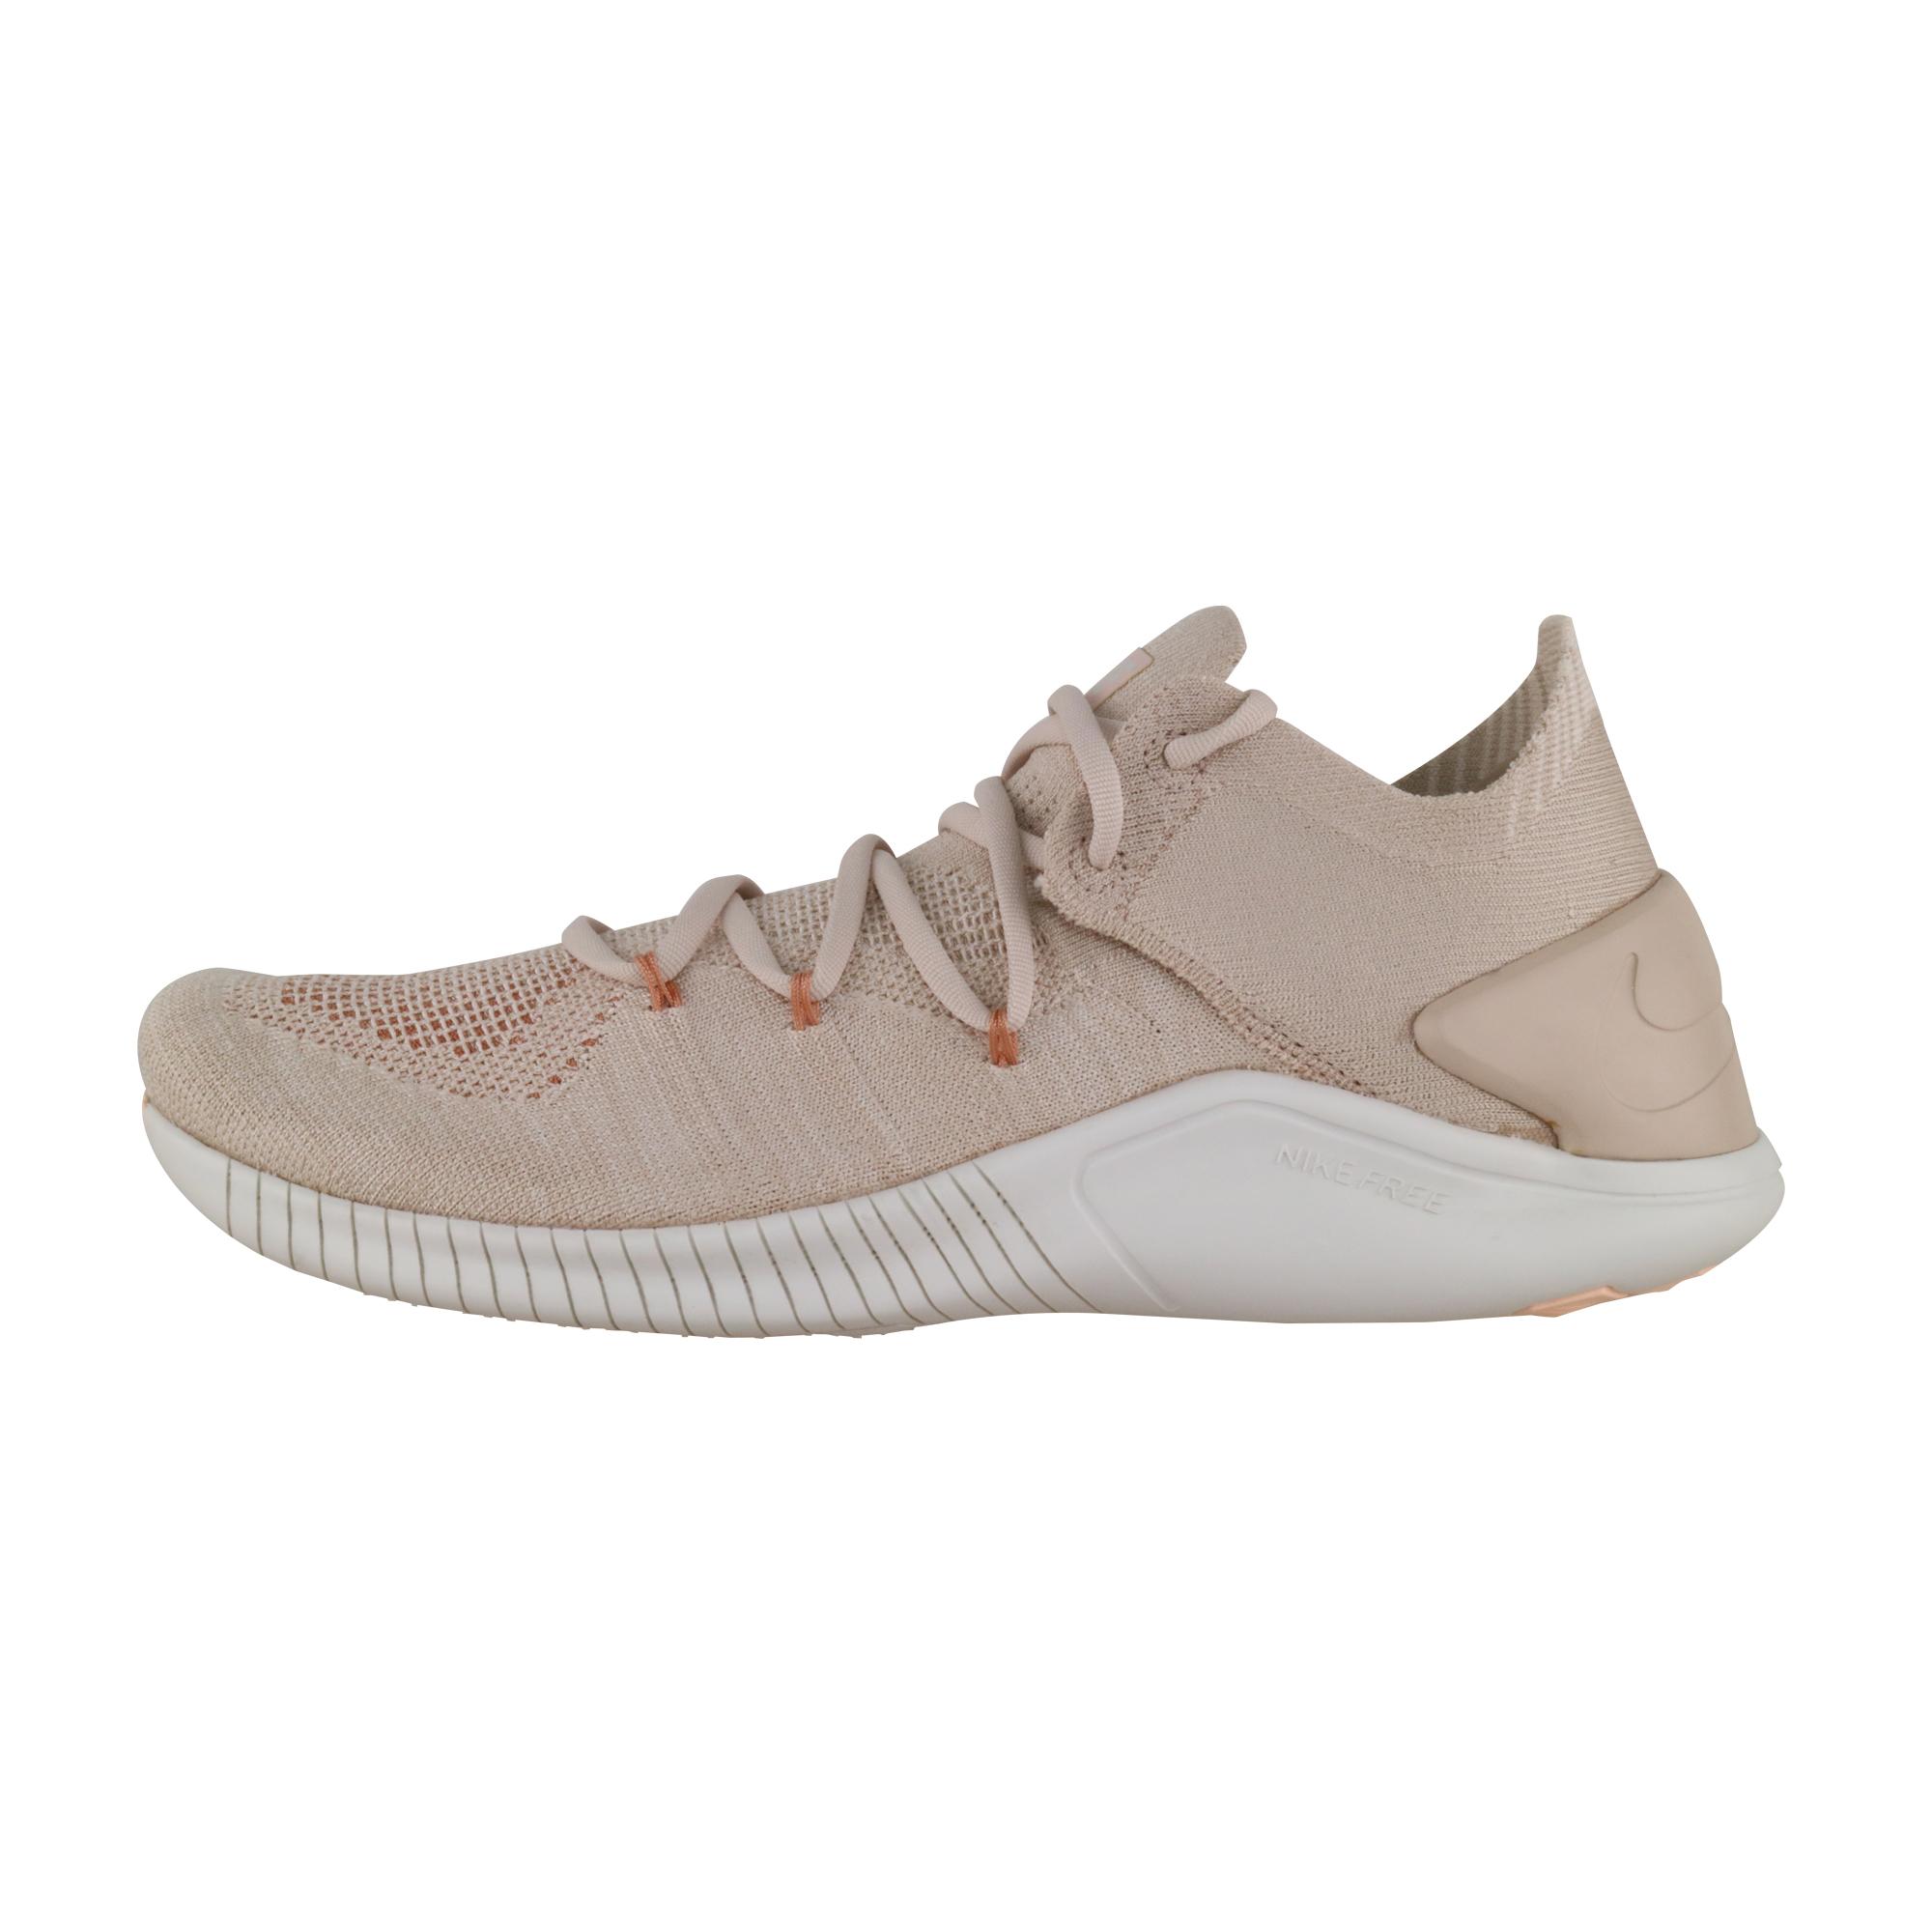 Details about Nike Free Tr Flyknit 3 Femmes Beige 942887 200